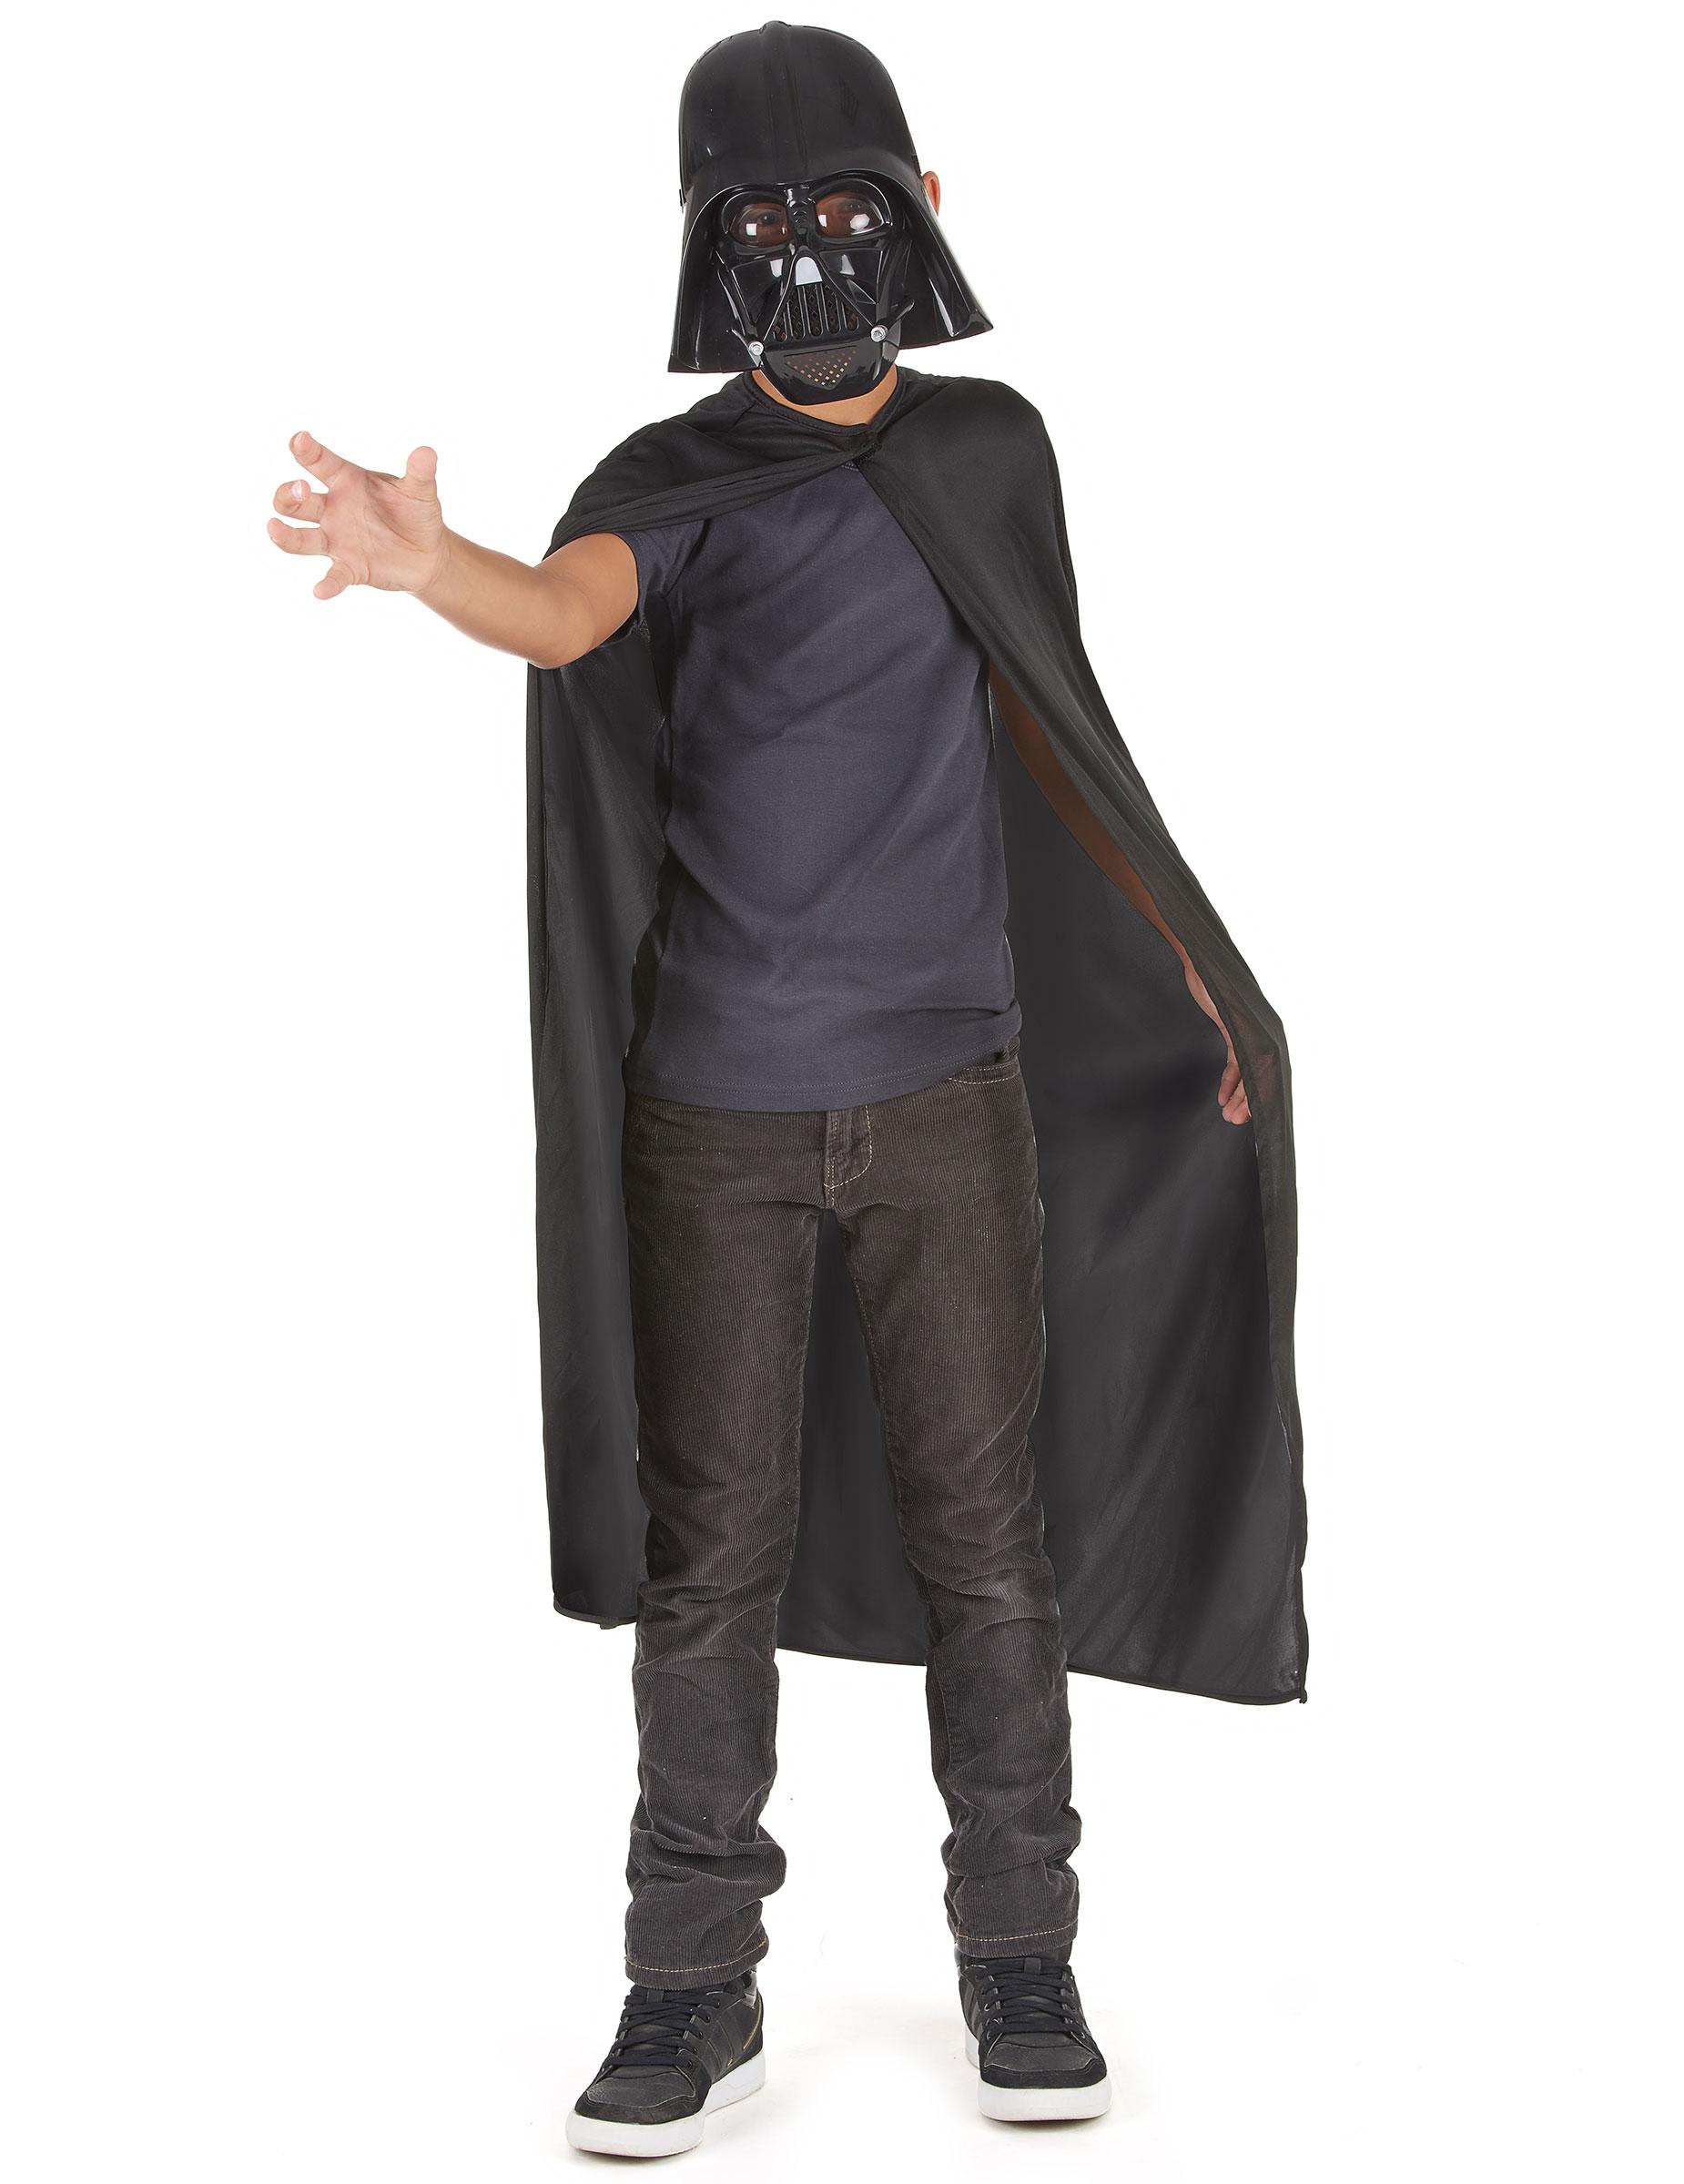 Offizielles Darth Vader-Set für Kinder - 104/116 (5-6 Jahre) 26154